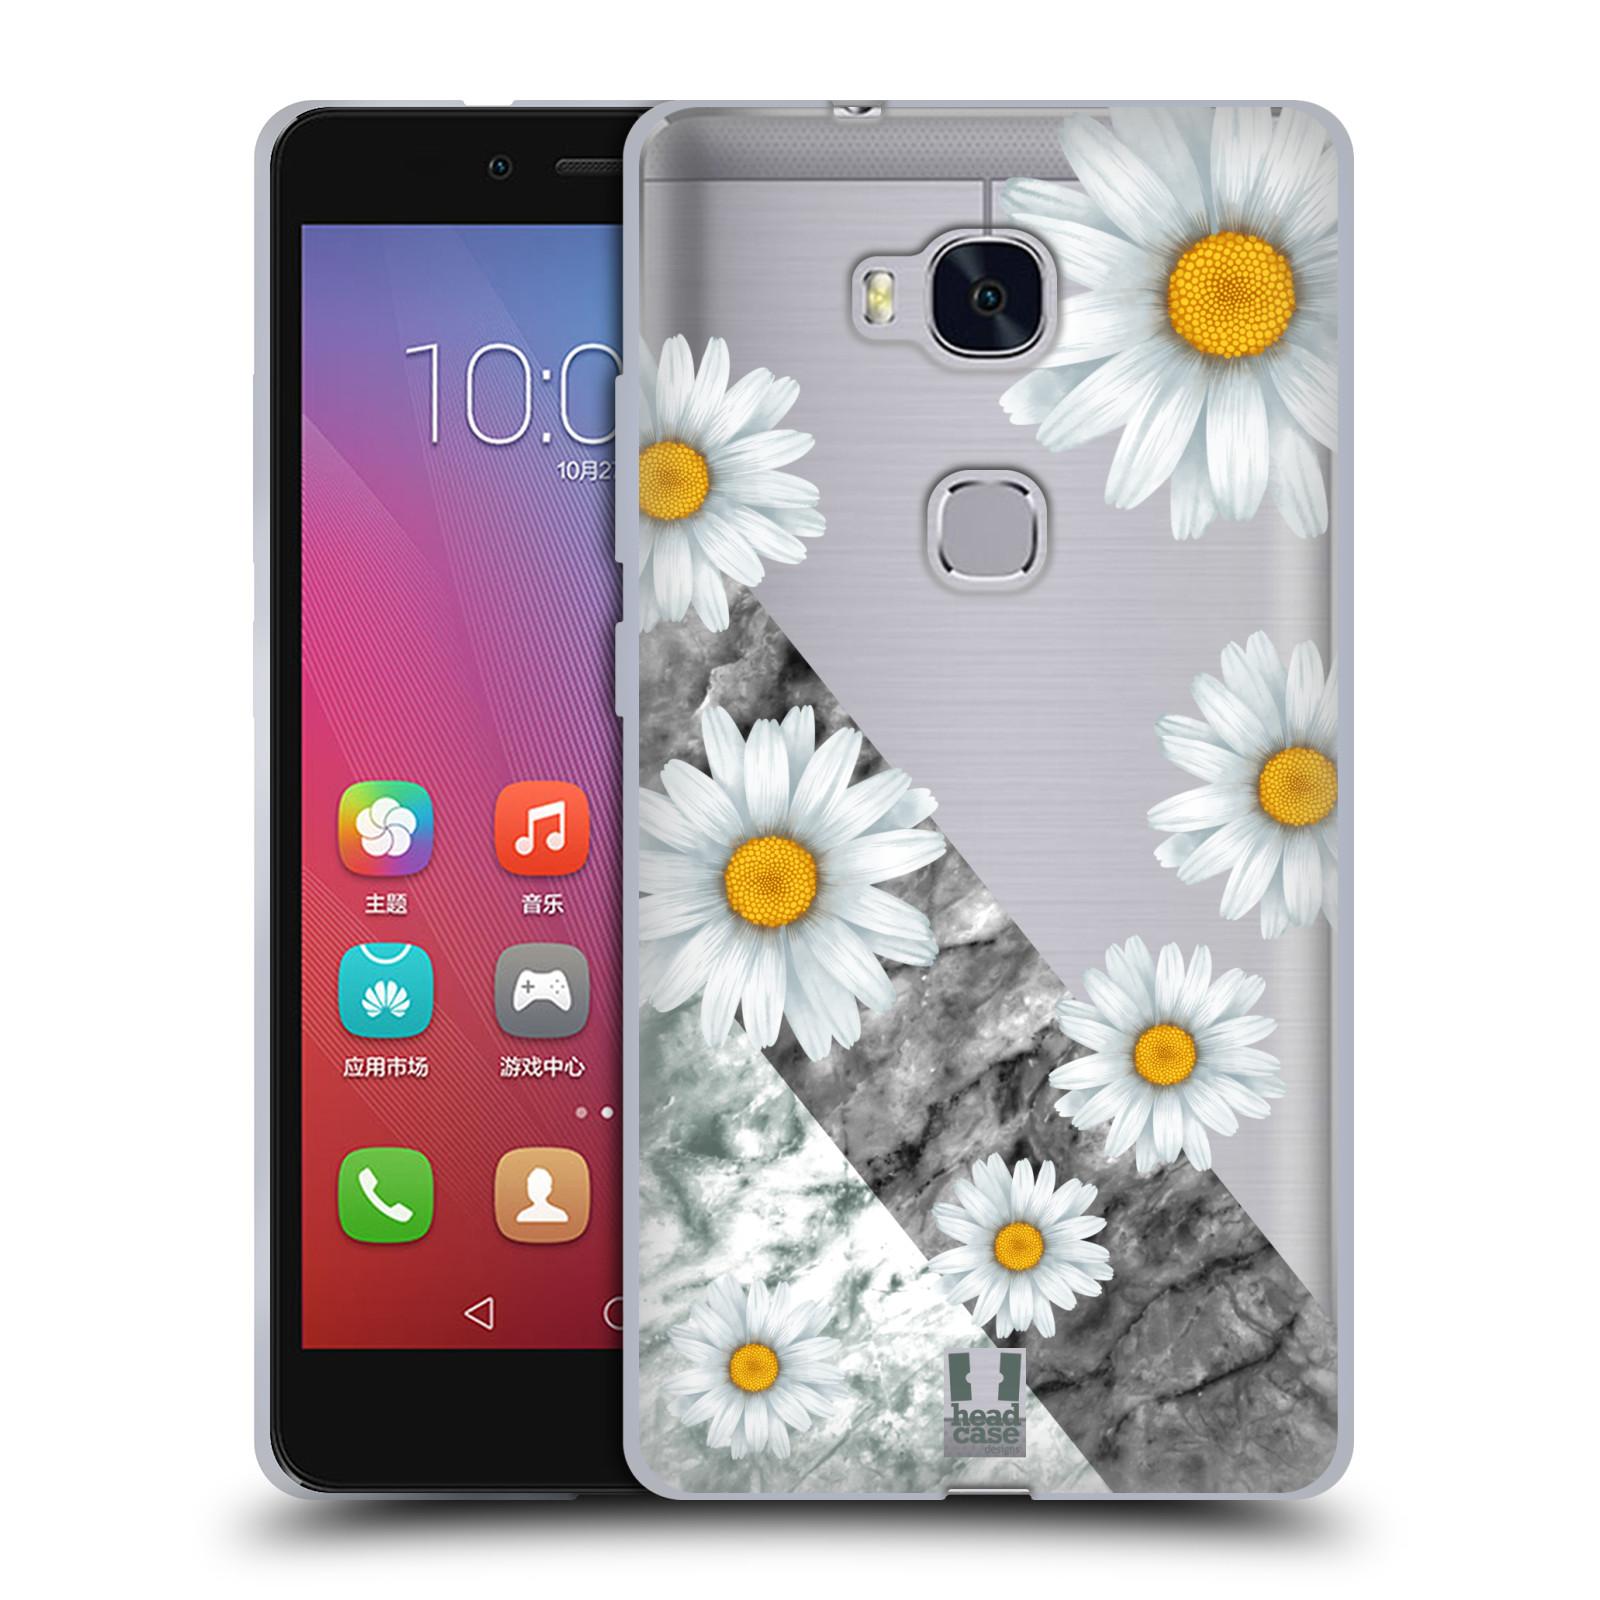 Silikonové pouzdro na mobil Honor 5X - Head Case - Kopretiny a mramor